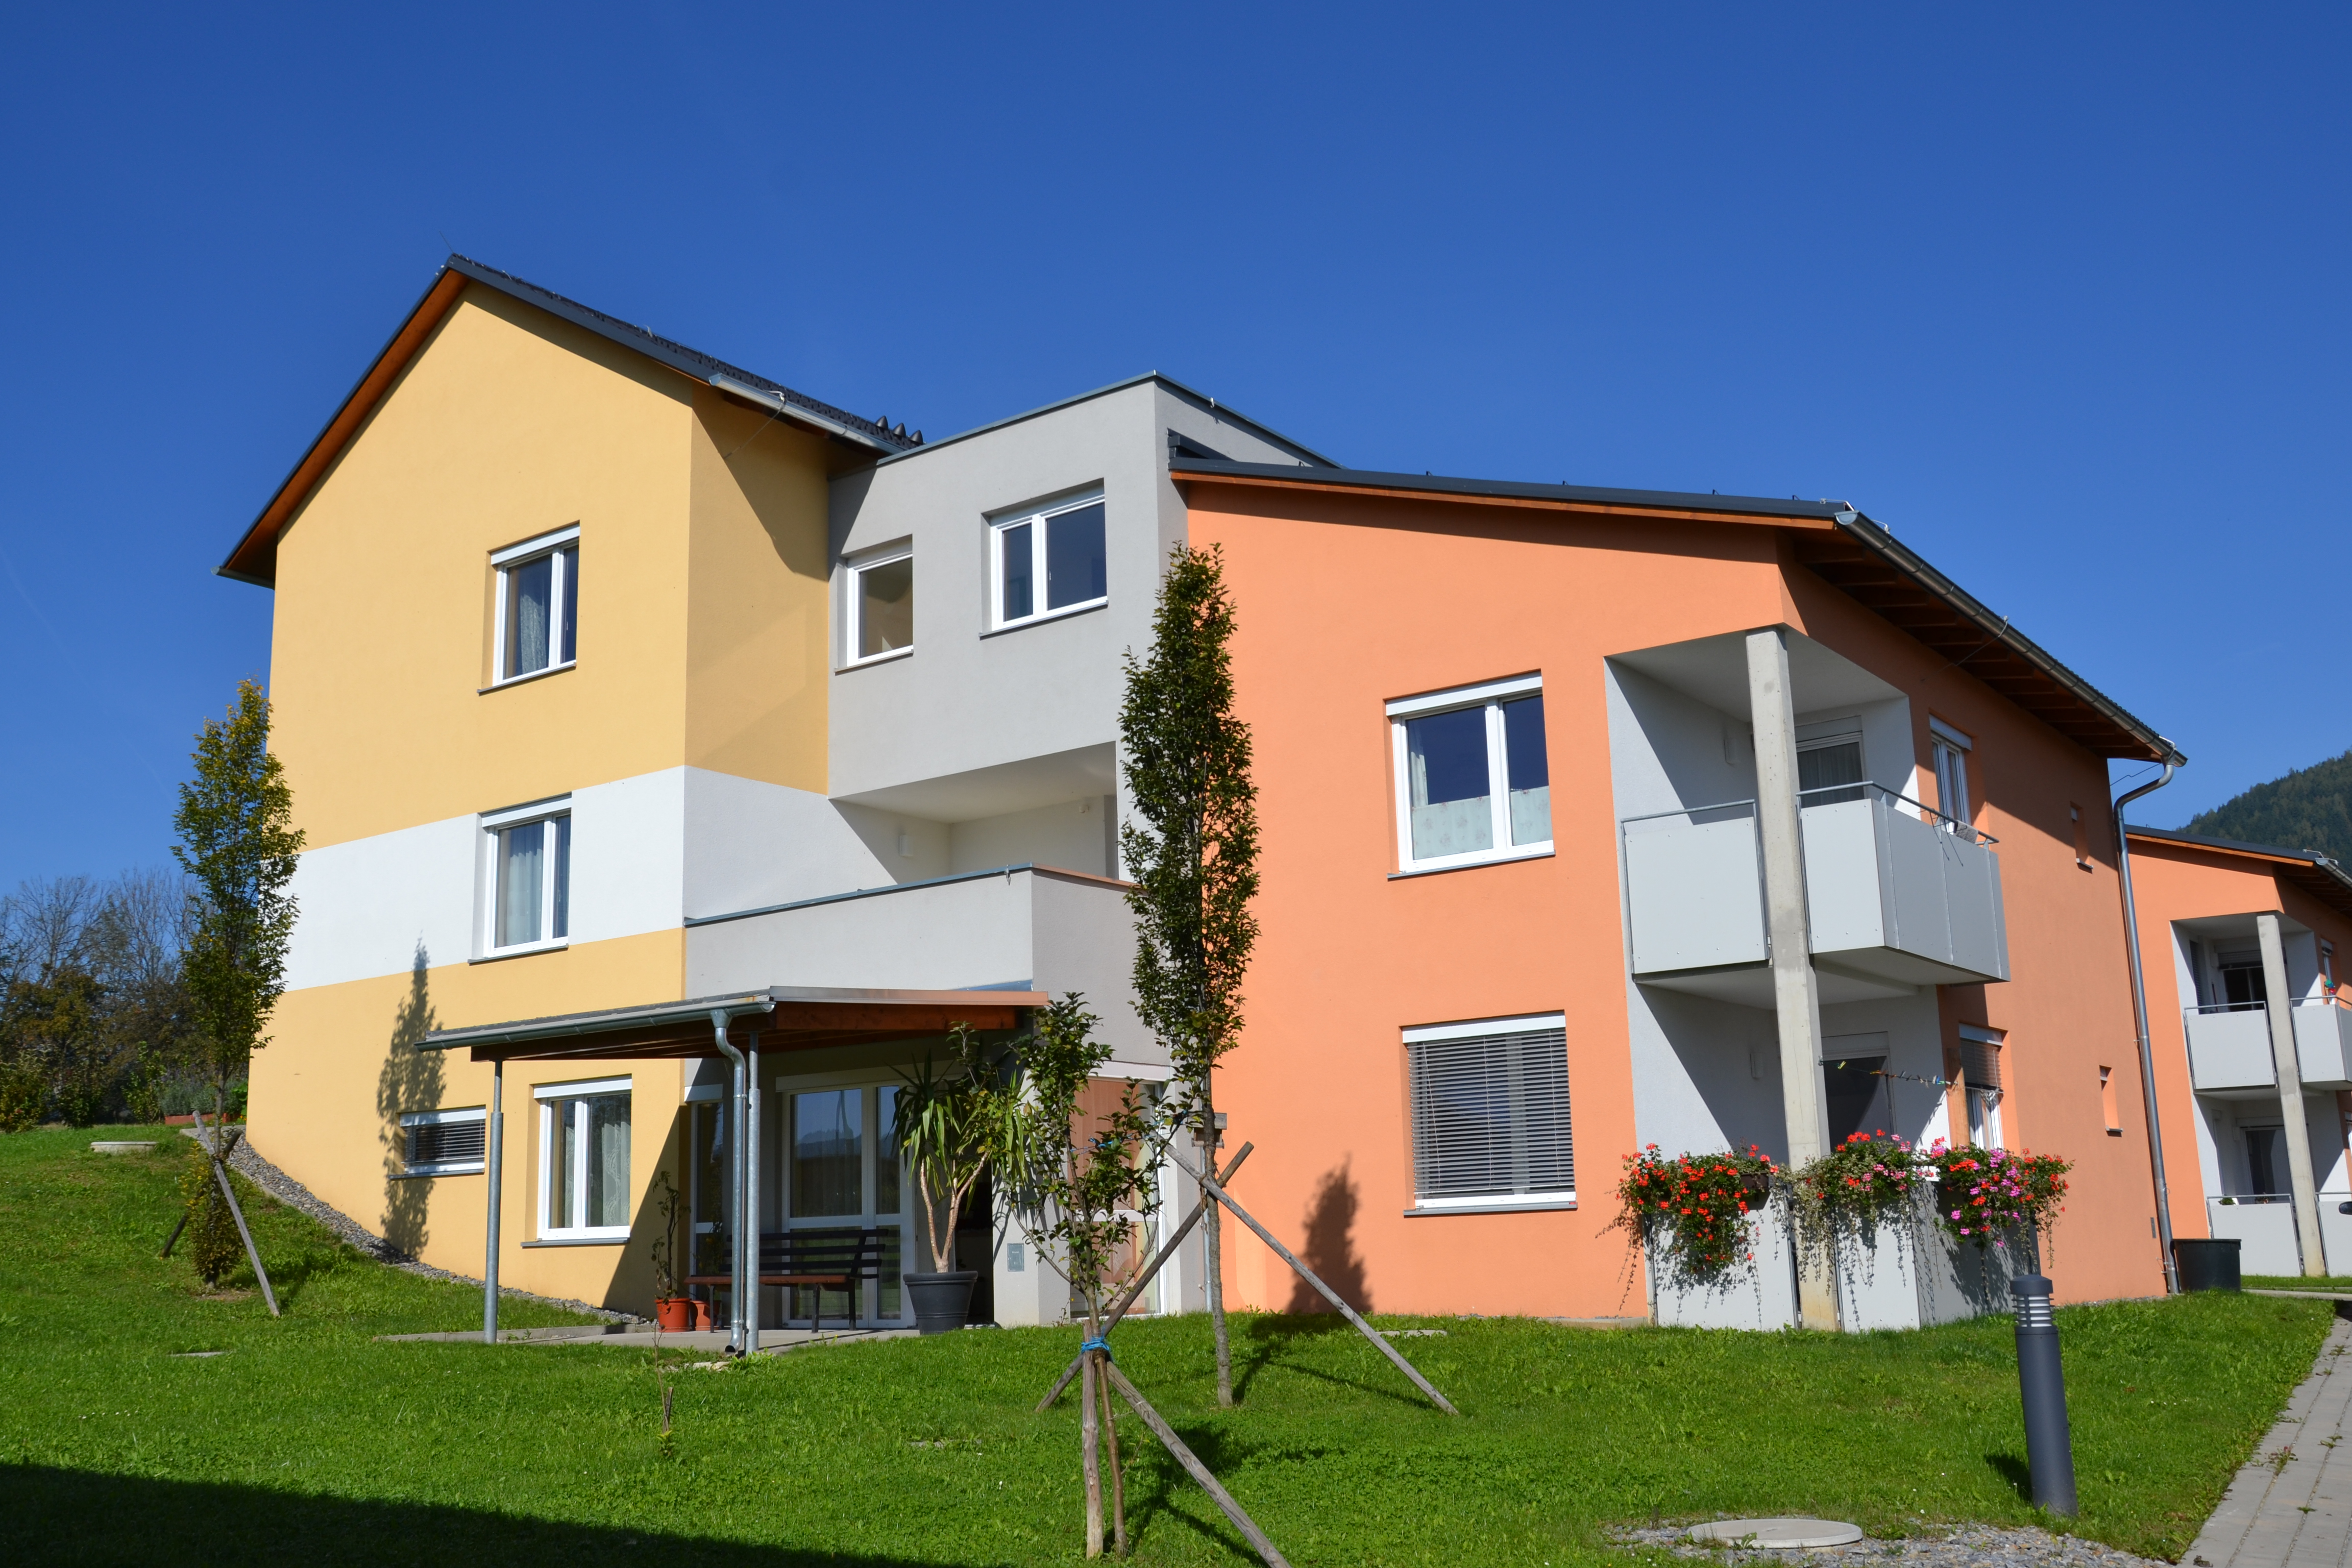 Betreutes Wohnen Fladnitz an der Teichalm